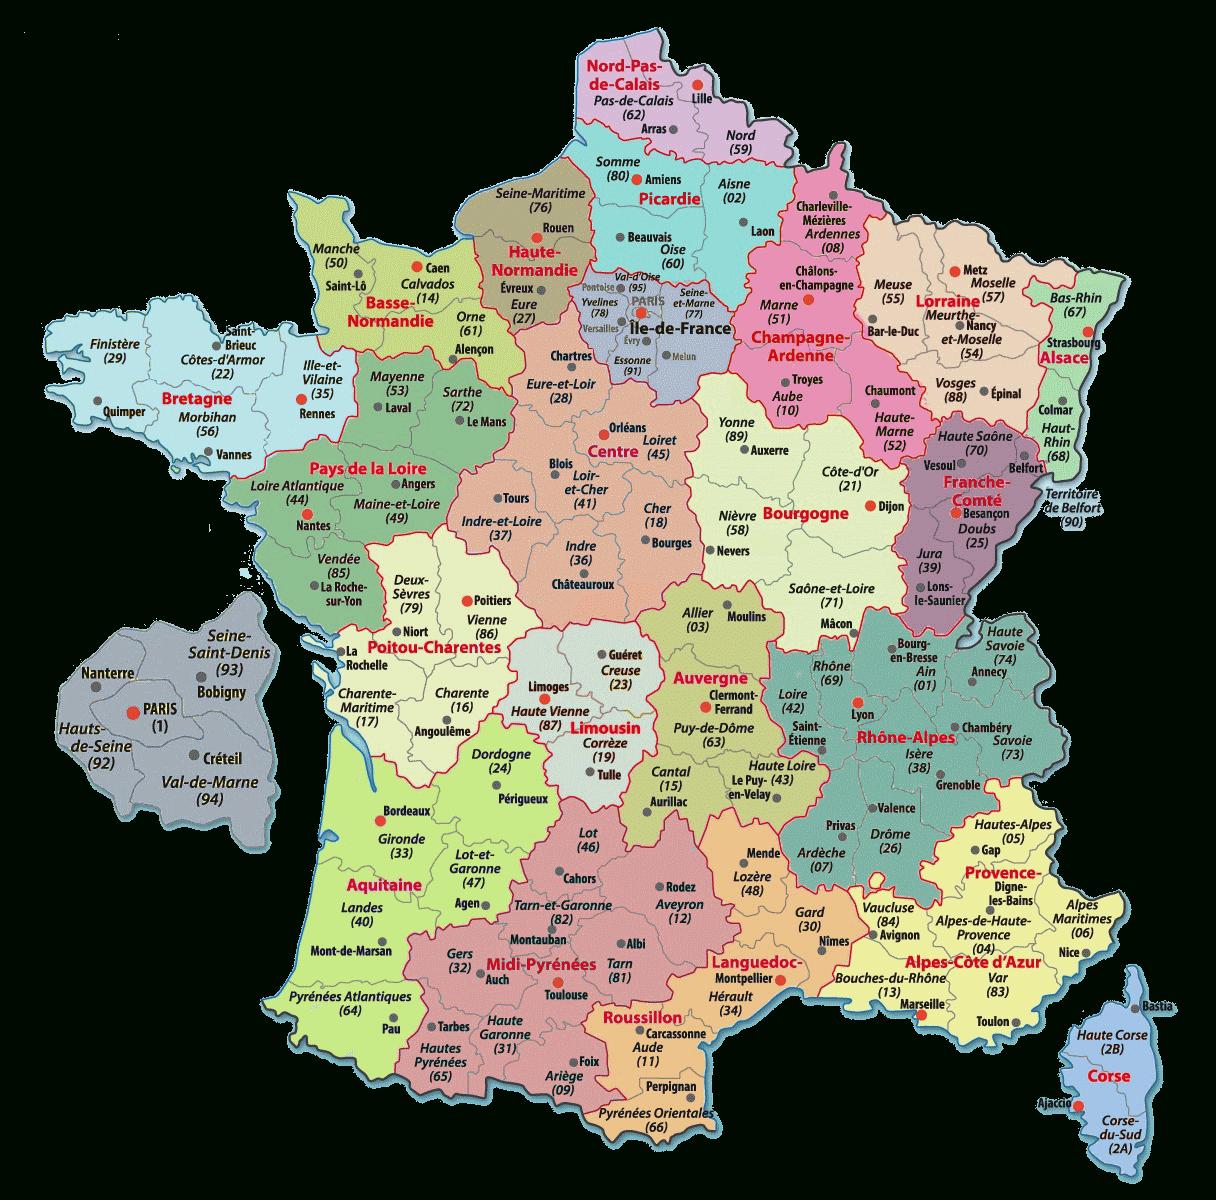 Carte De France Departements : Carte Des Départements De France avec Nouvelles Régions De France